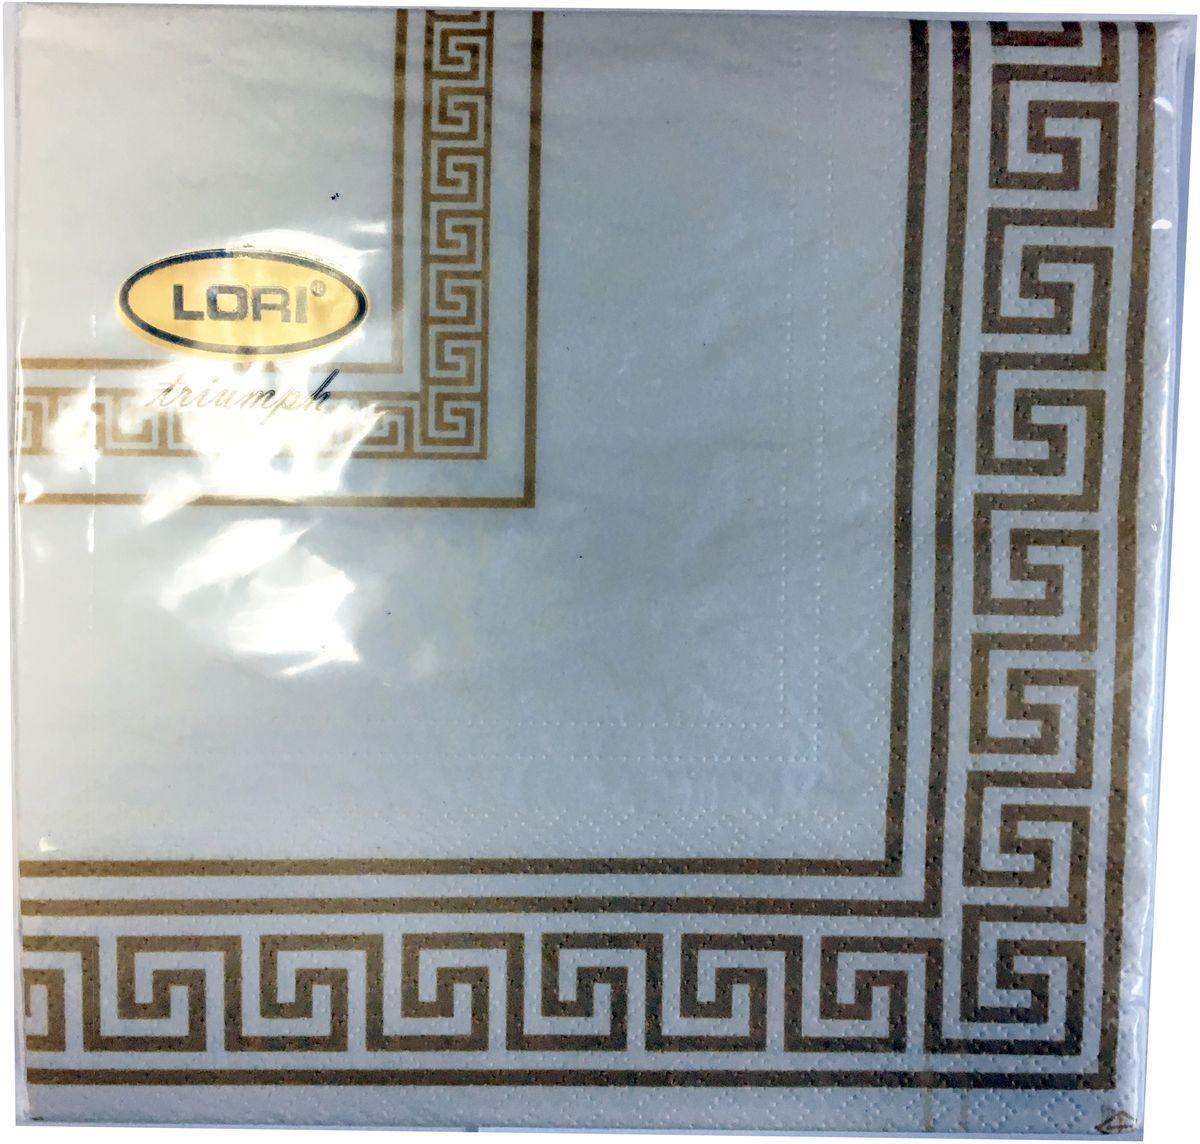 Салфетки бумажные Lori Triumph, трехслойные, цвет: коричневый, белый, 33 х 33 см, 20 шт. 5605856058Декоративные трехслойные салфетки Lori Triumph выполнены из 100% целлюлозы и оформлены ярким рисунком. Изделия станут отличным дополнением любого праздничного стола. Они отличаются необычной мягкостью, прочностью и оригинальностью. Размер салфеток в развернутом виде: 33 х 33 см.